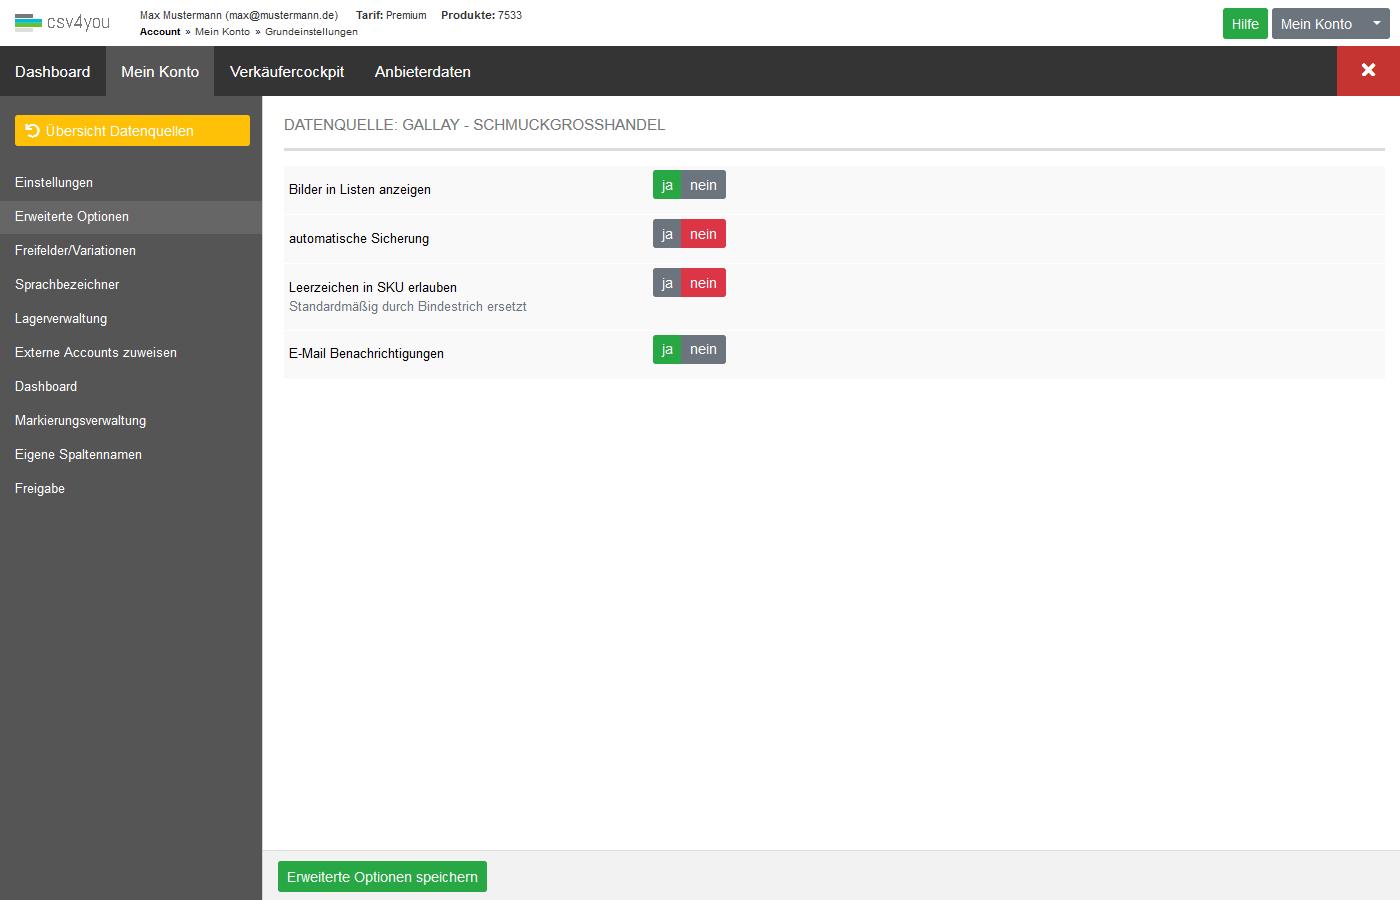 Datenquellen - Verwaltung - Erweiterte Optionen